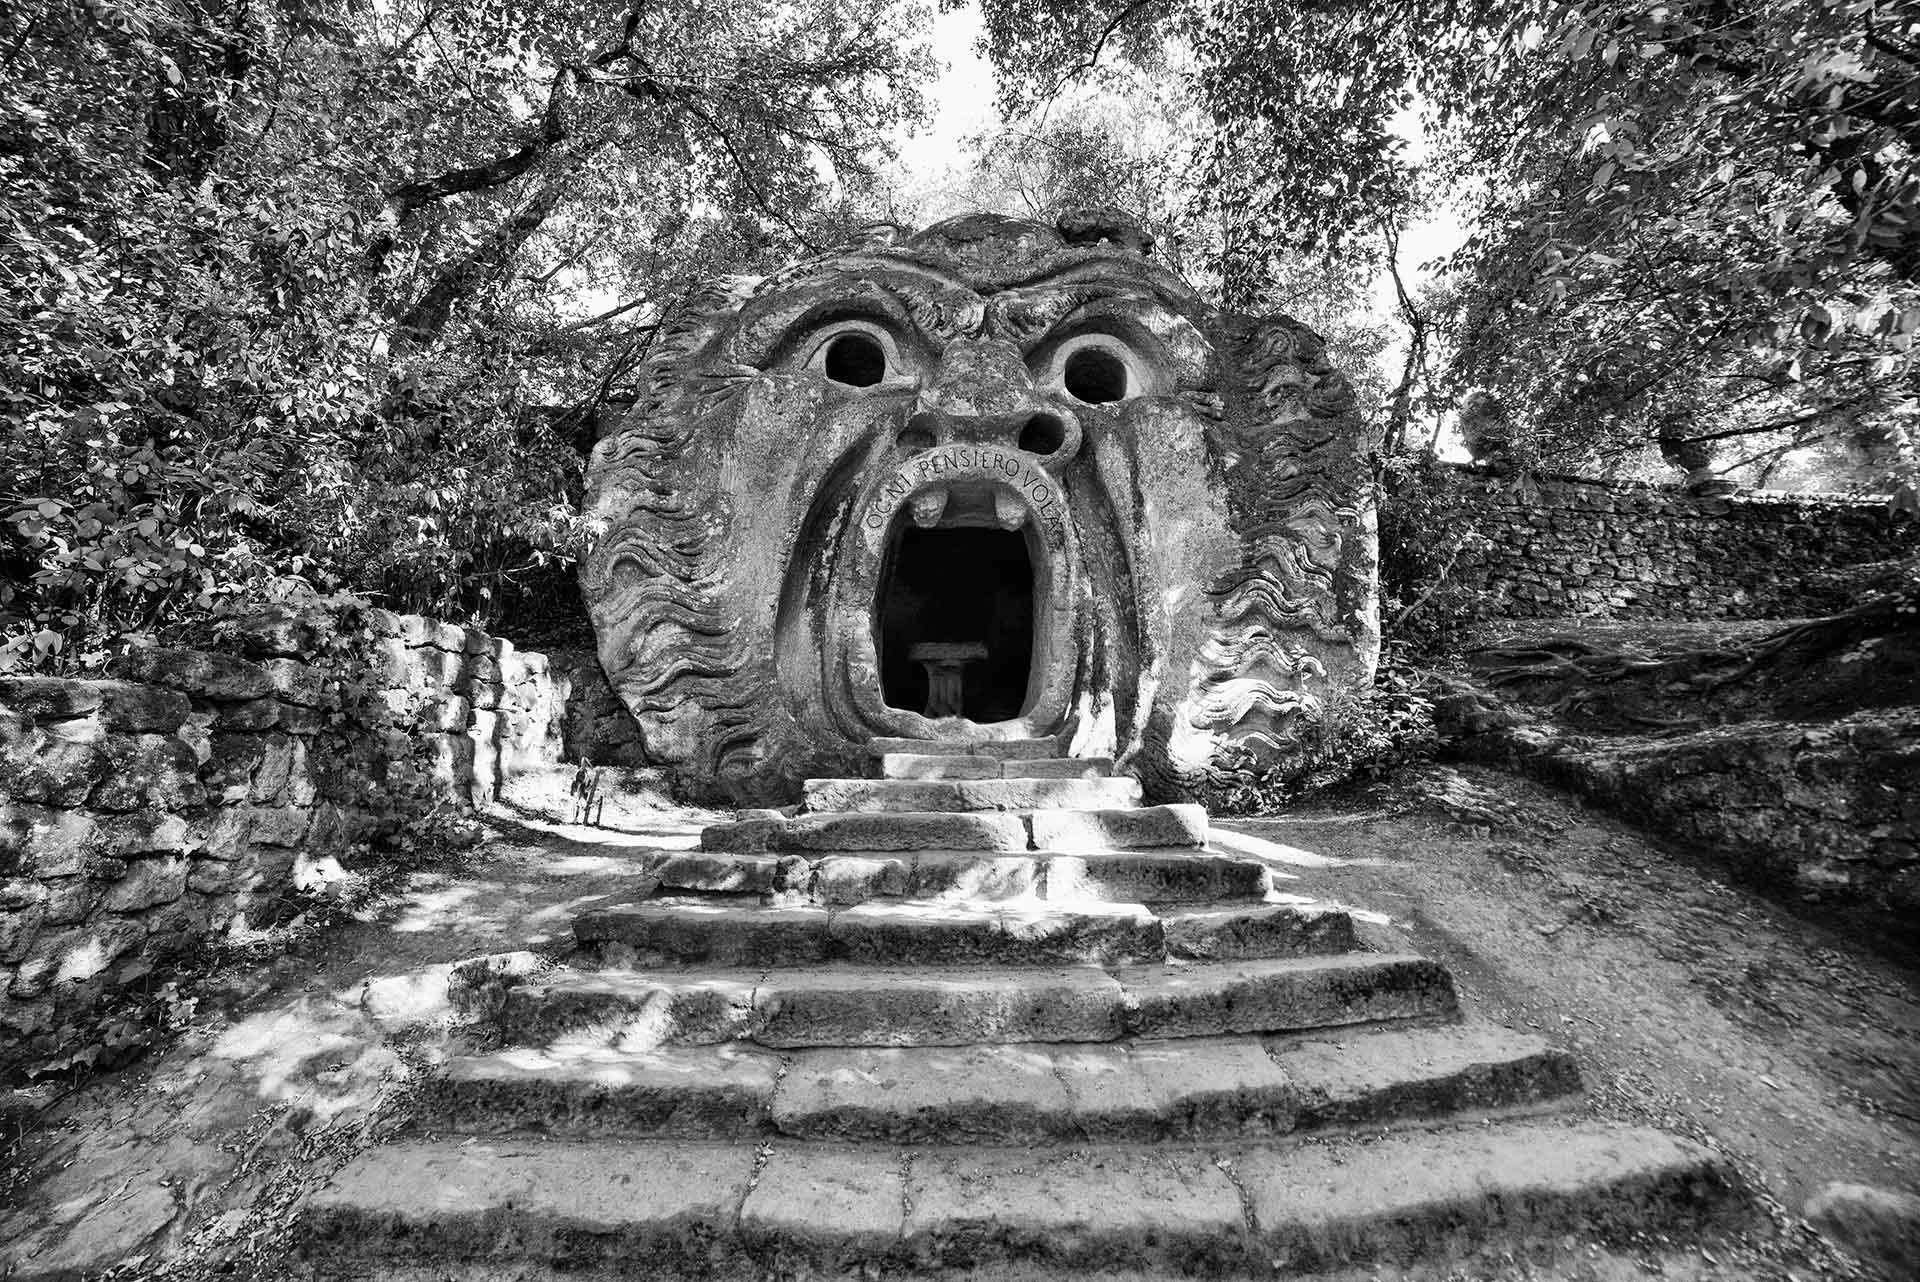 officina-visiva-foto-paesaggistica-bomarzo-parco-dei-mostri-4-web